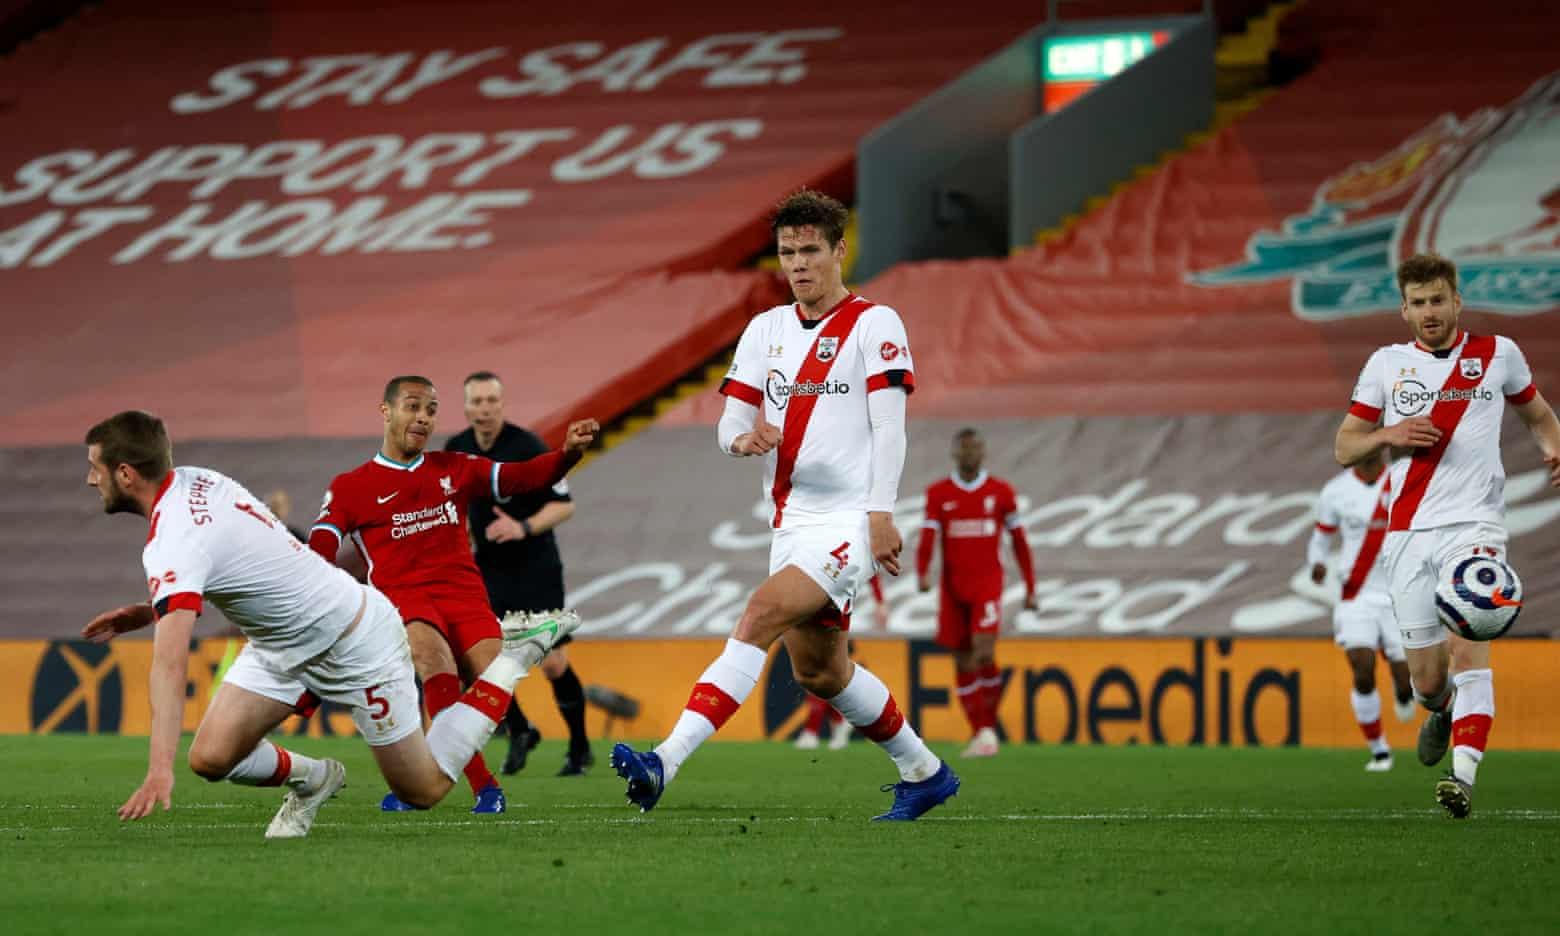 Thiago membukukan kemenangan 2-0 untuk Liverpool di menit 90. Foto: PA